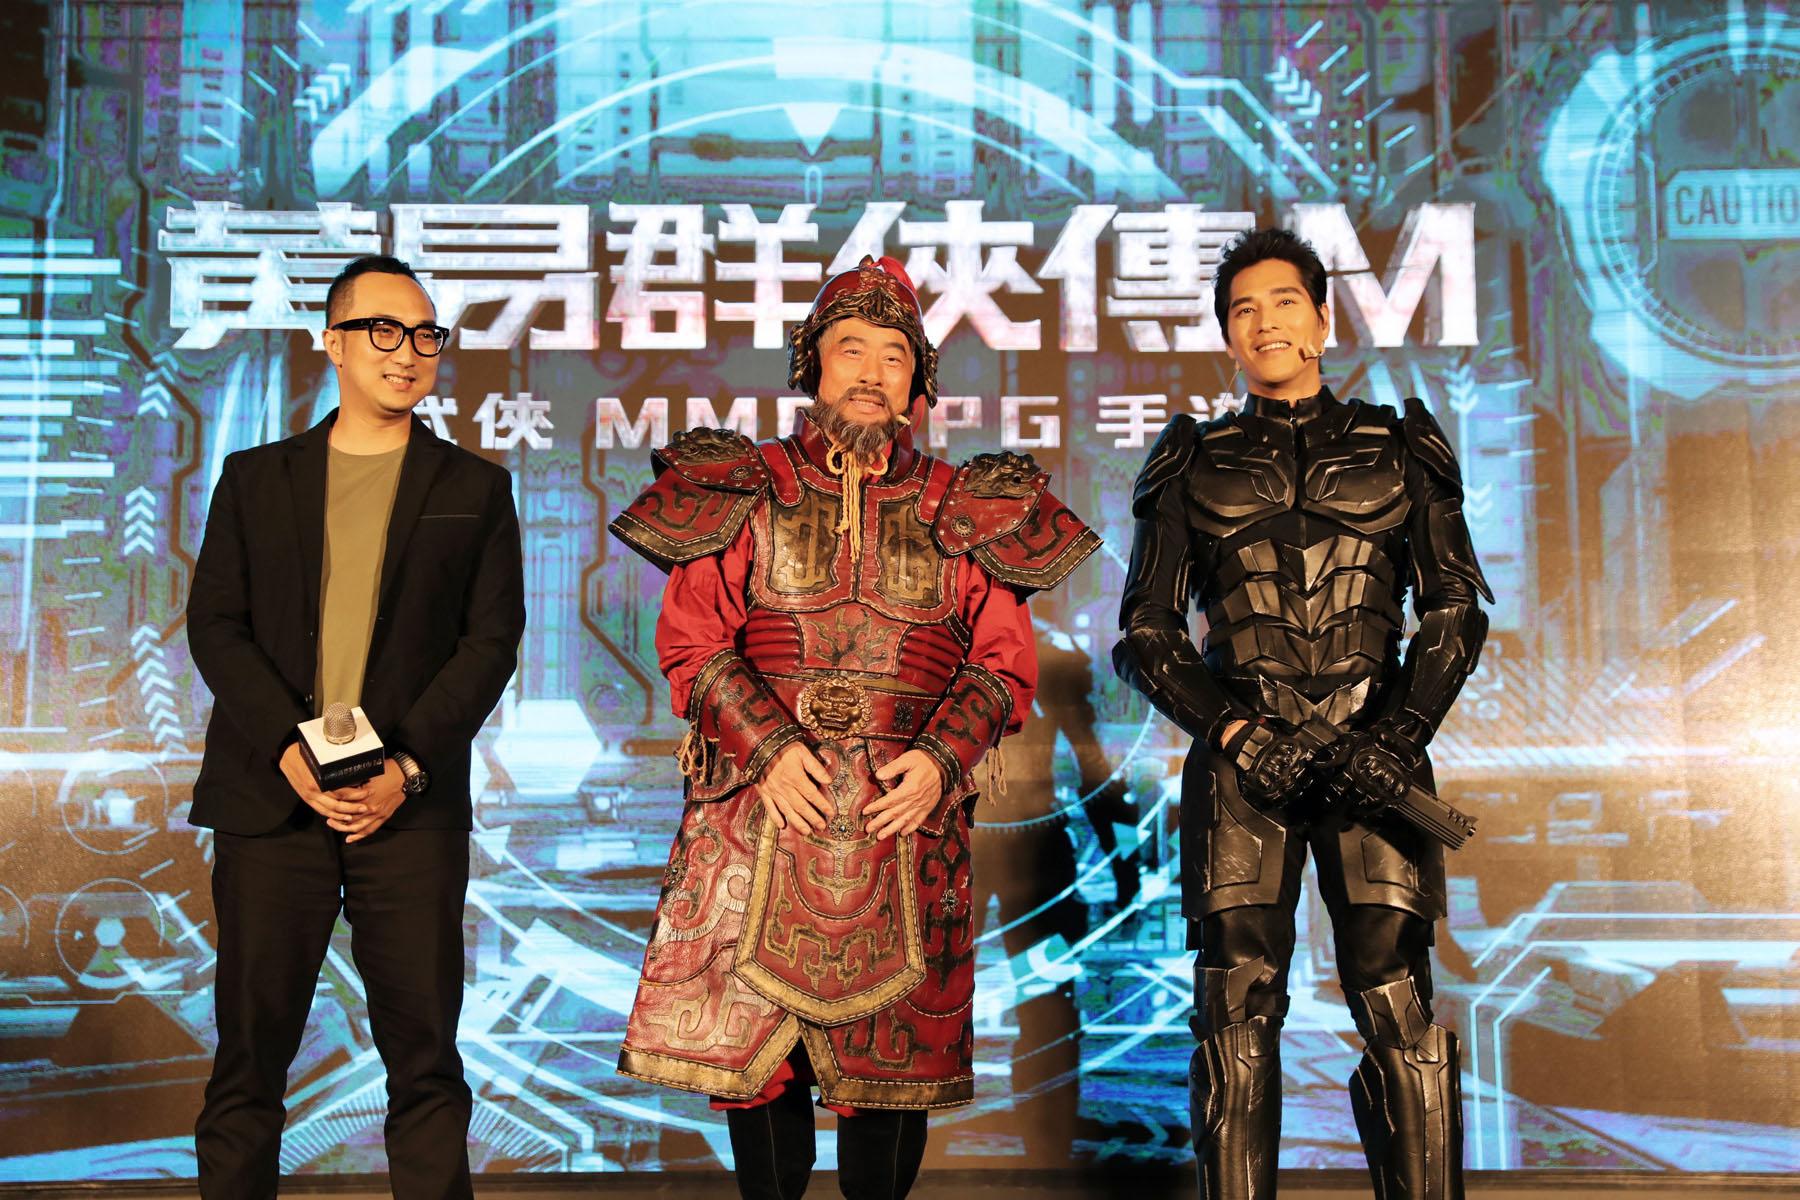 ▲導演奚岳隆、智冠集團董事長王俊博、代言人藍正龍分享與黃易遊戲合作趣事